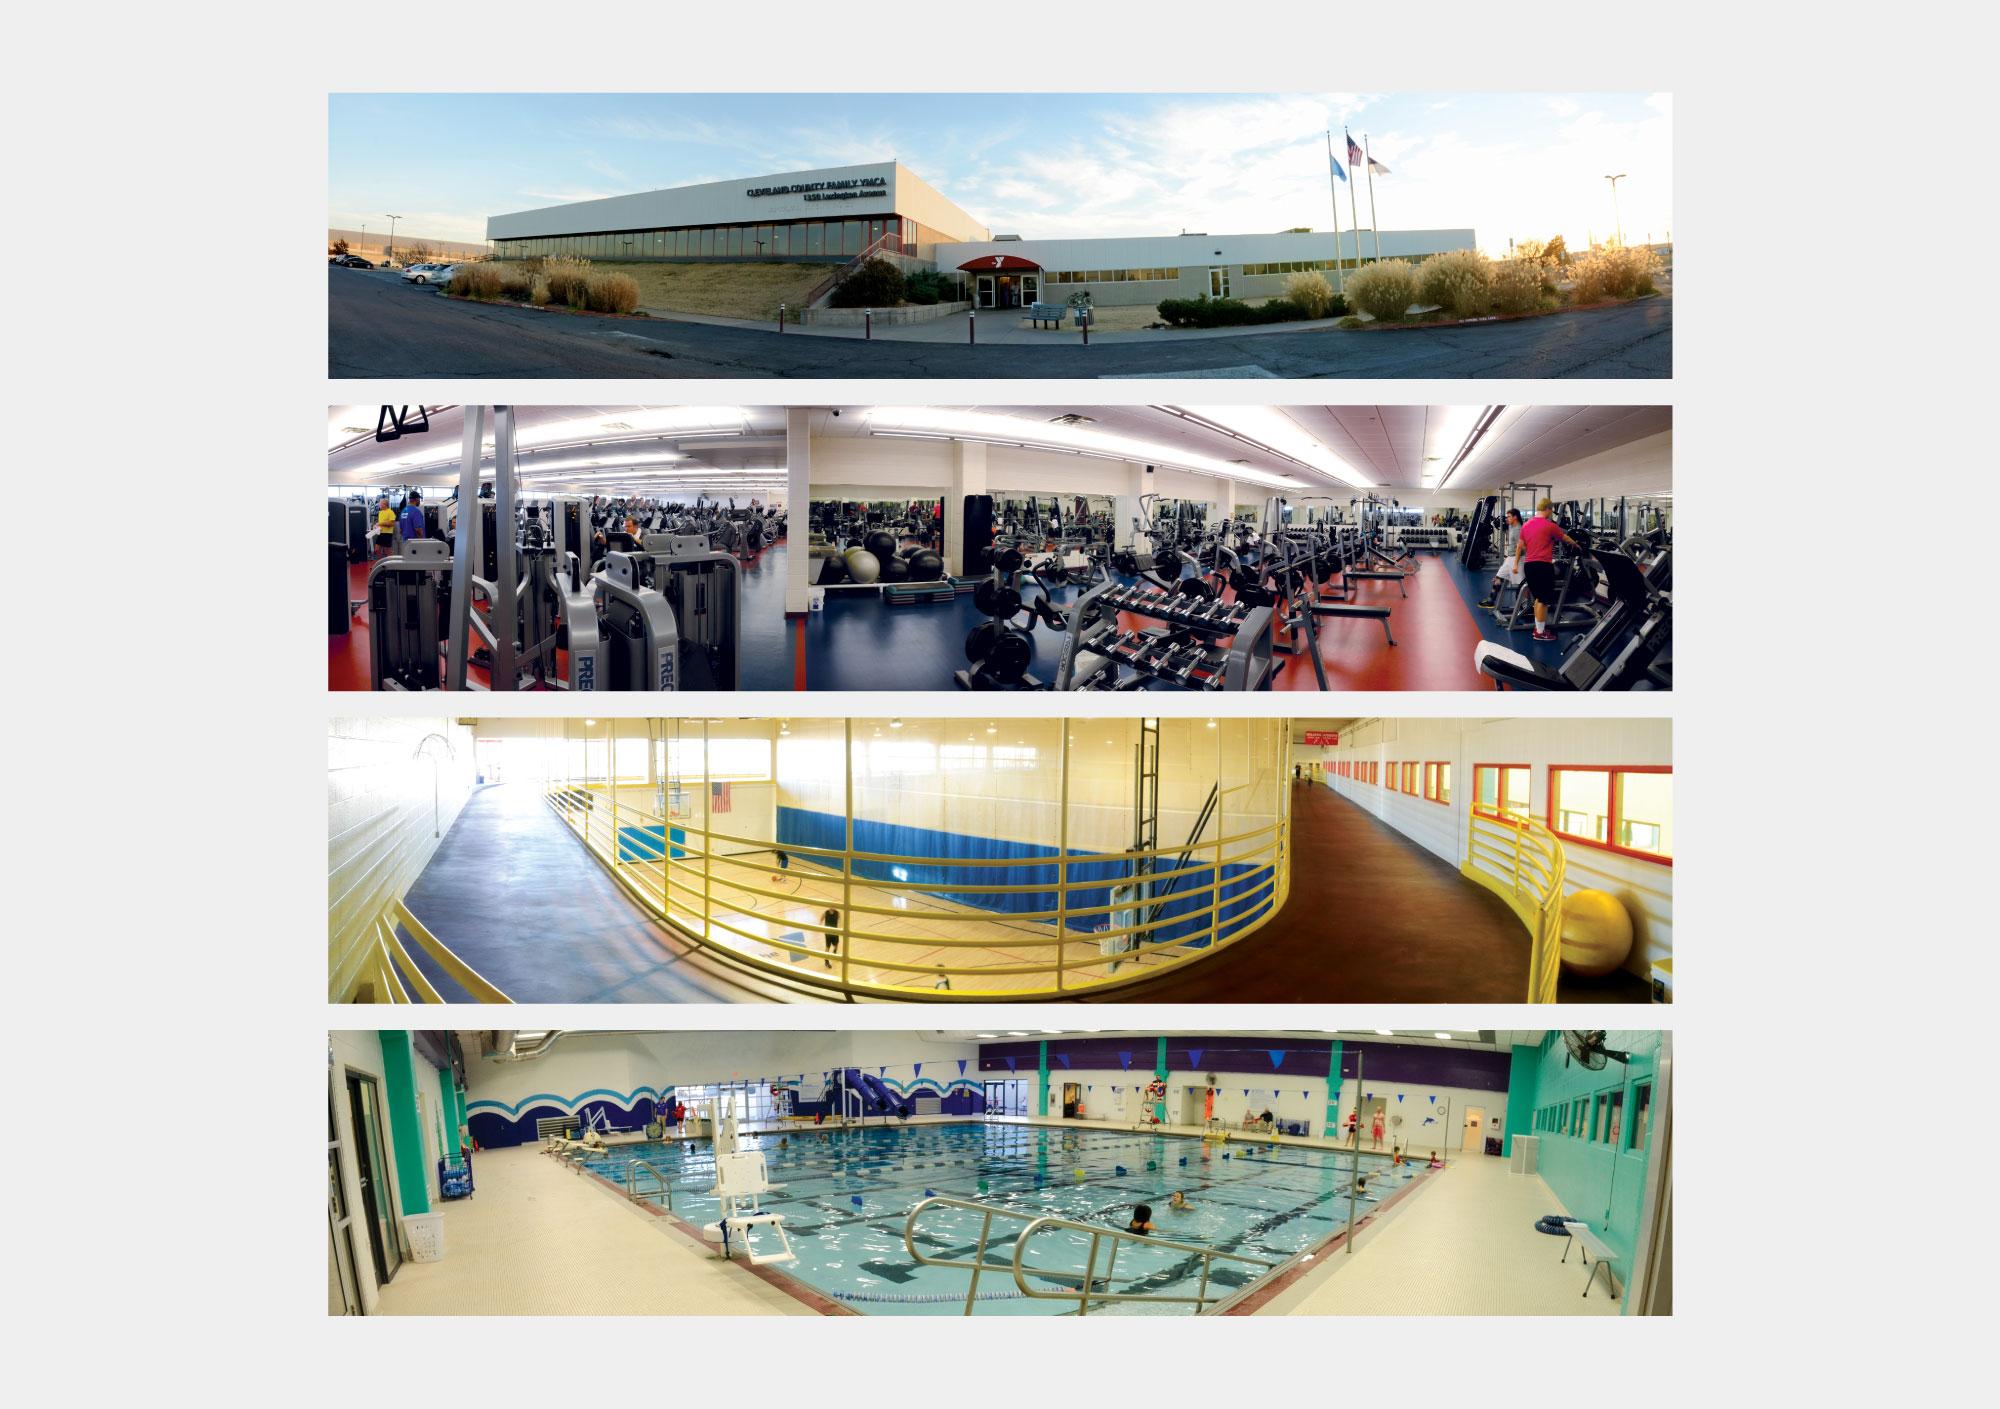 CCFYMCA Facilities